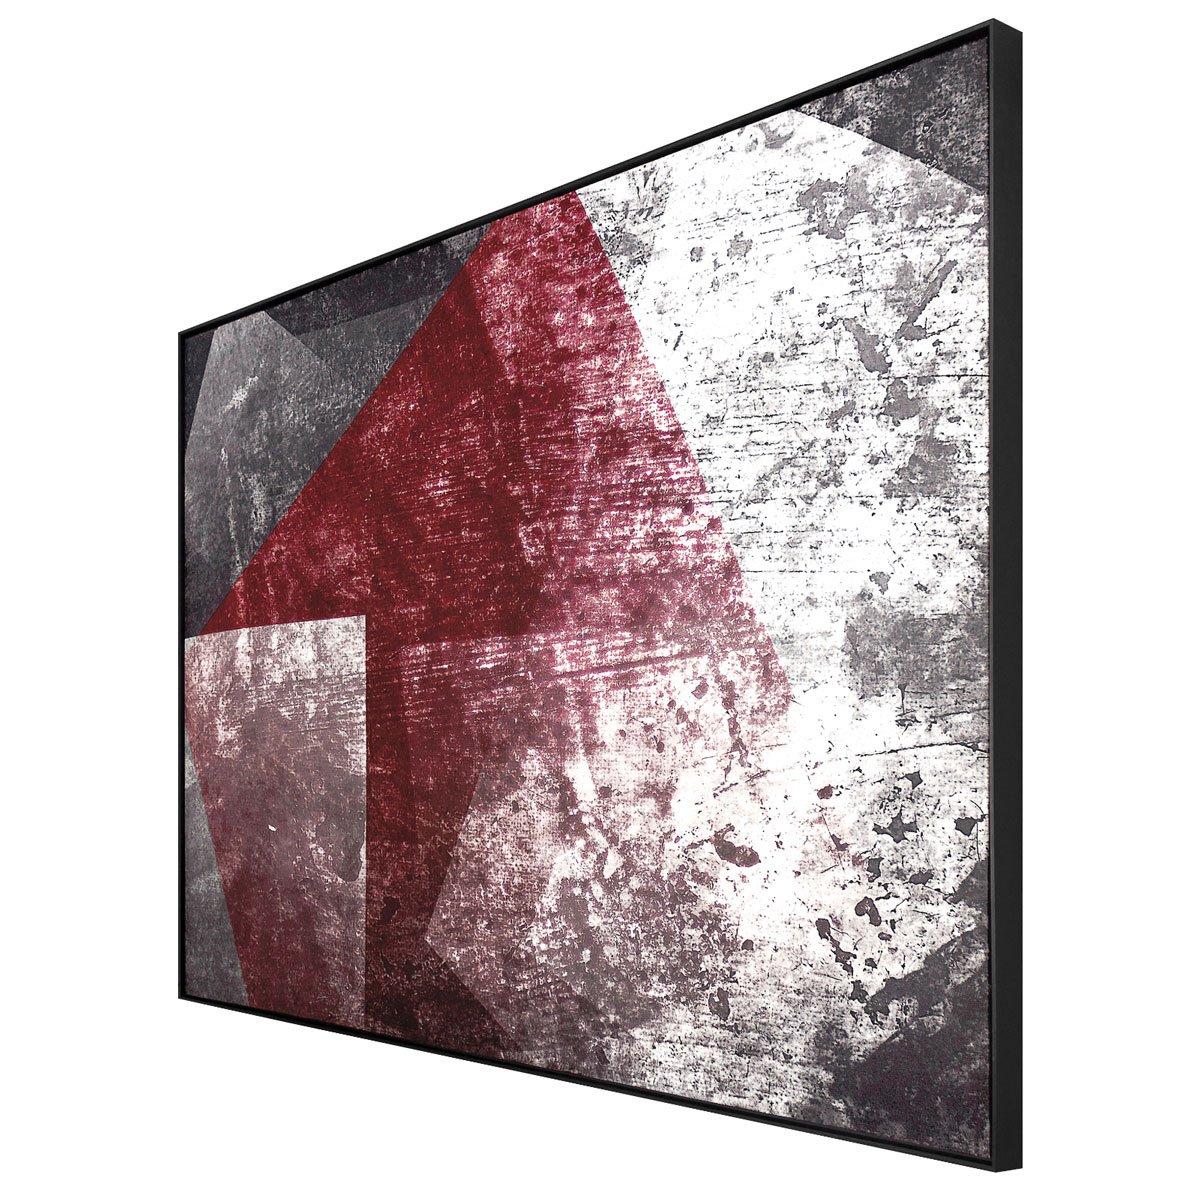 Quadro Tela com Moldura Preta Arte Moderna Abstrata 190x120cm